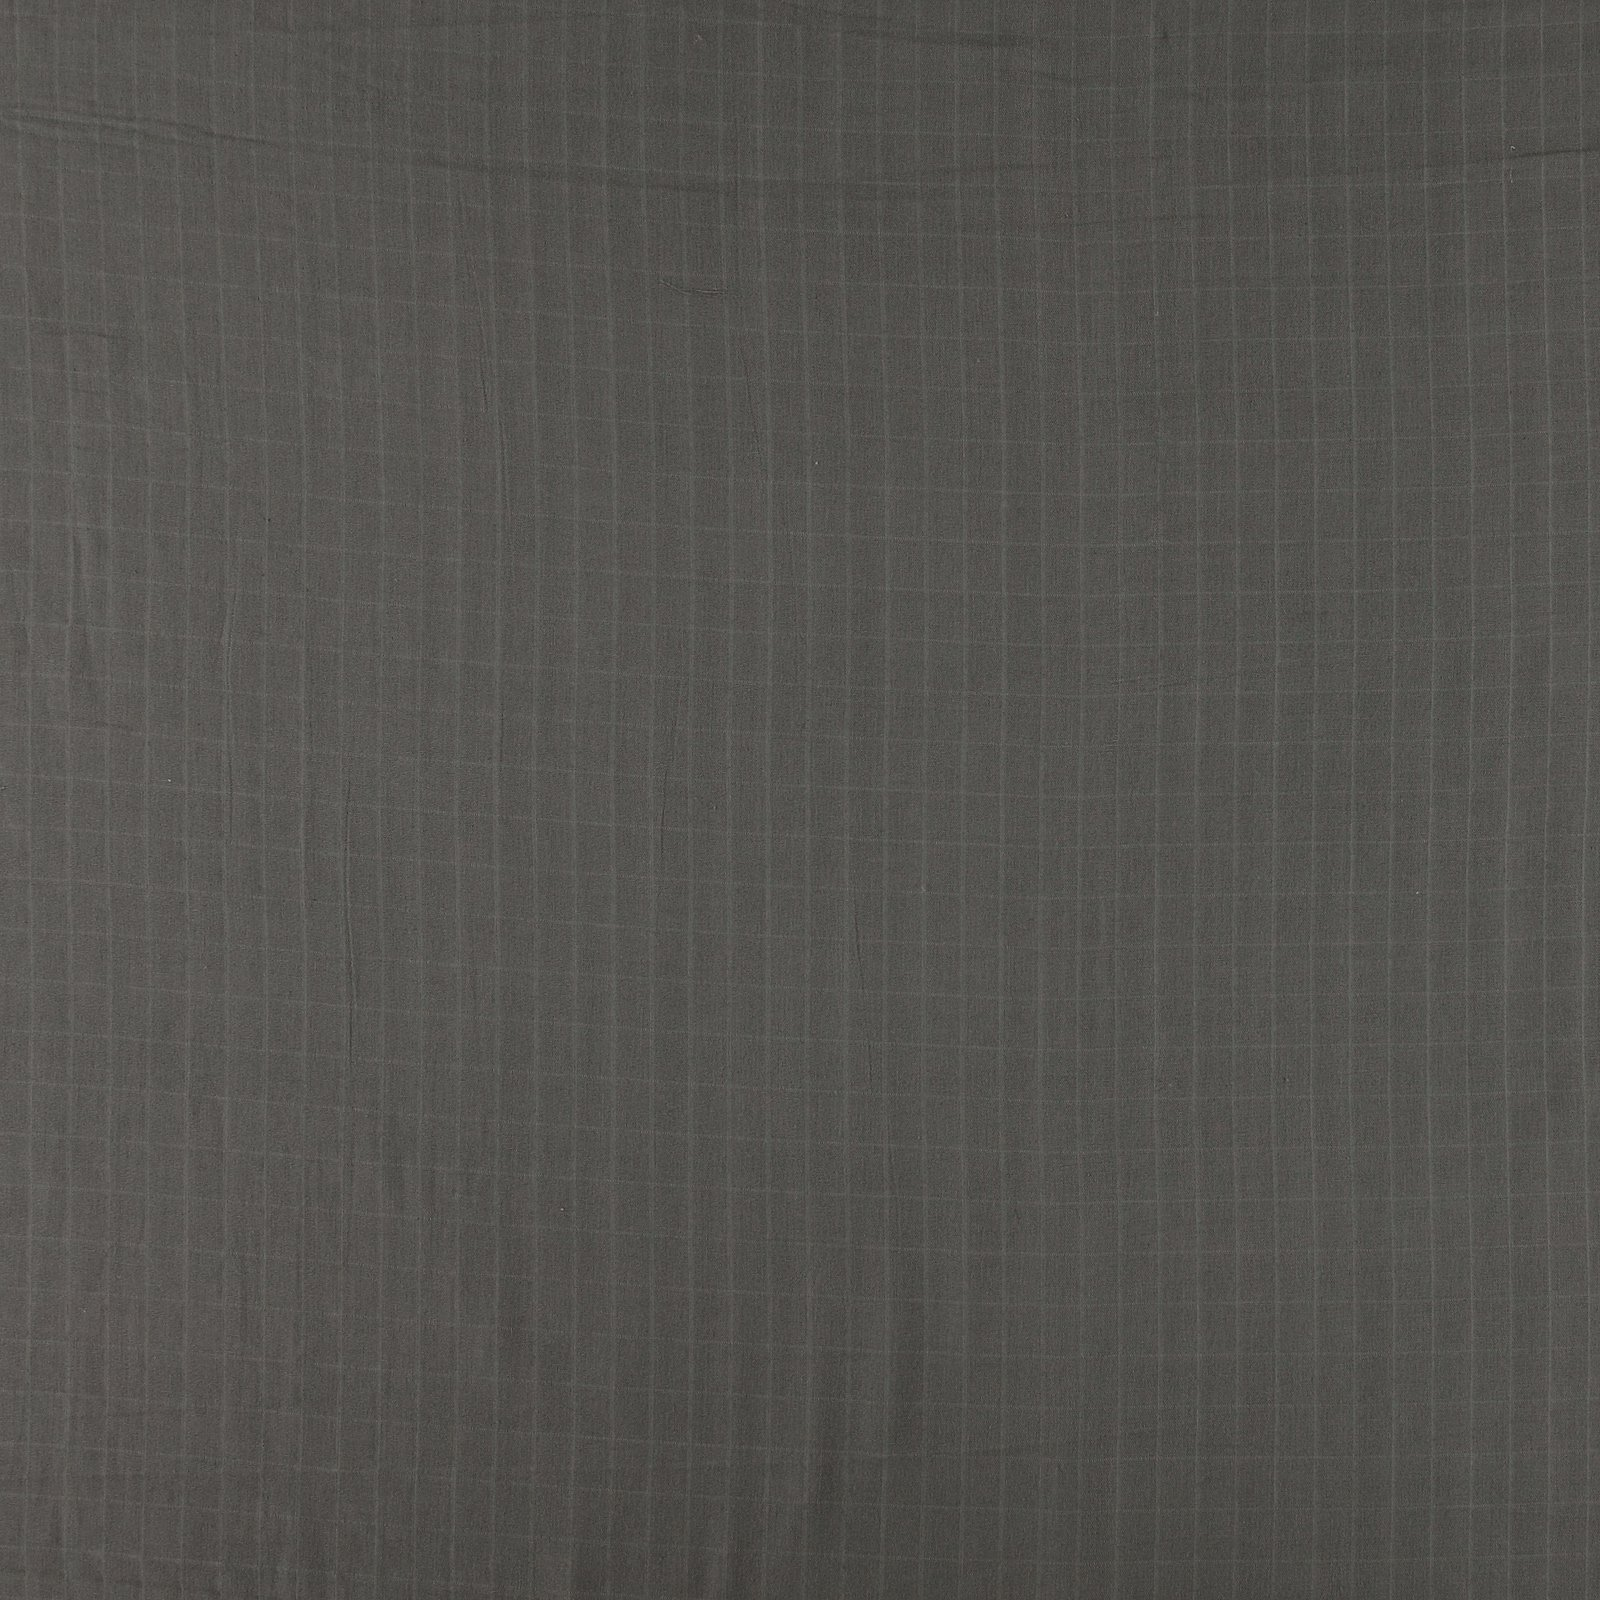 Muslin dark grey 501622_pack_solid